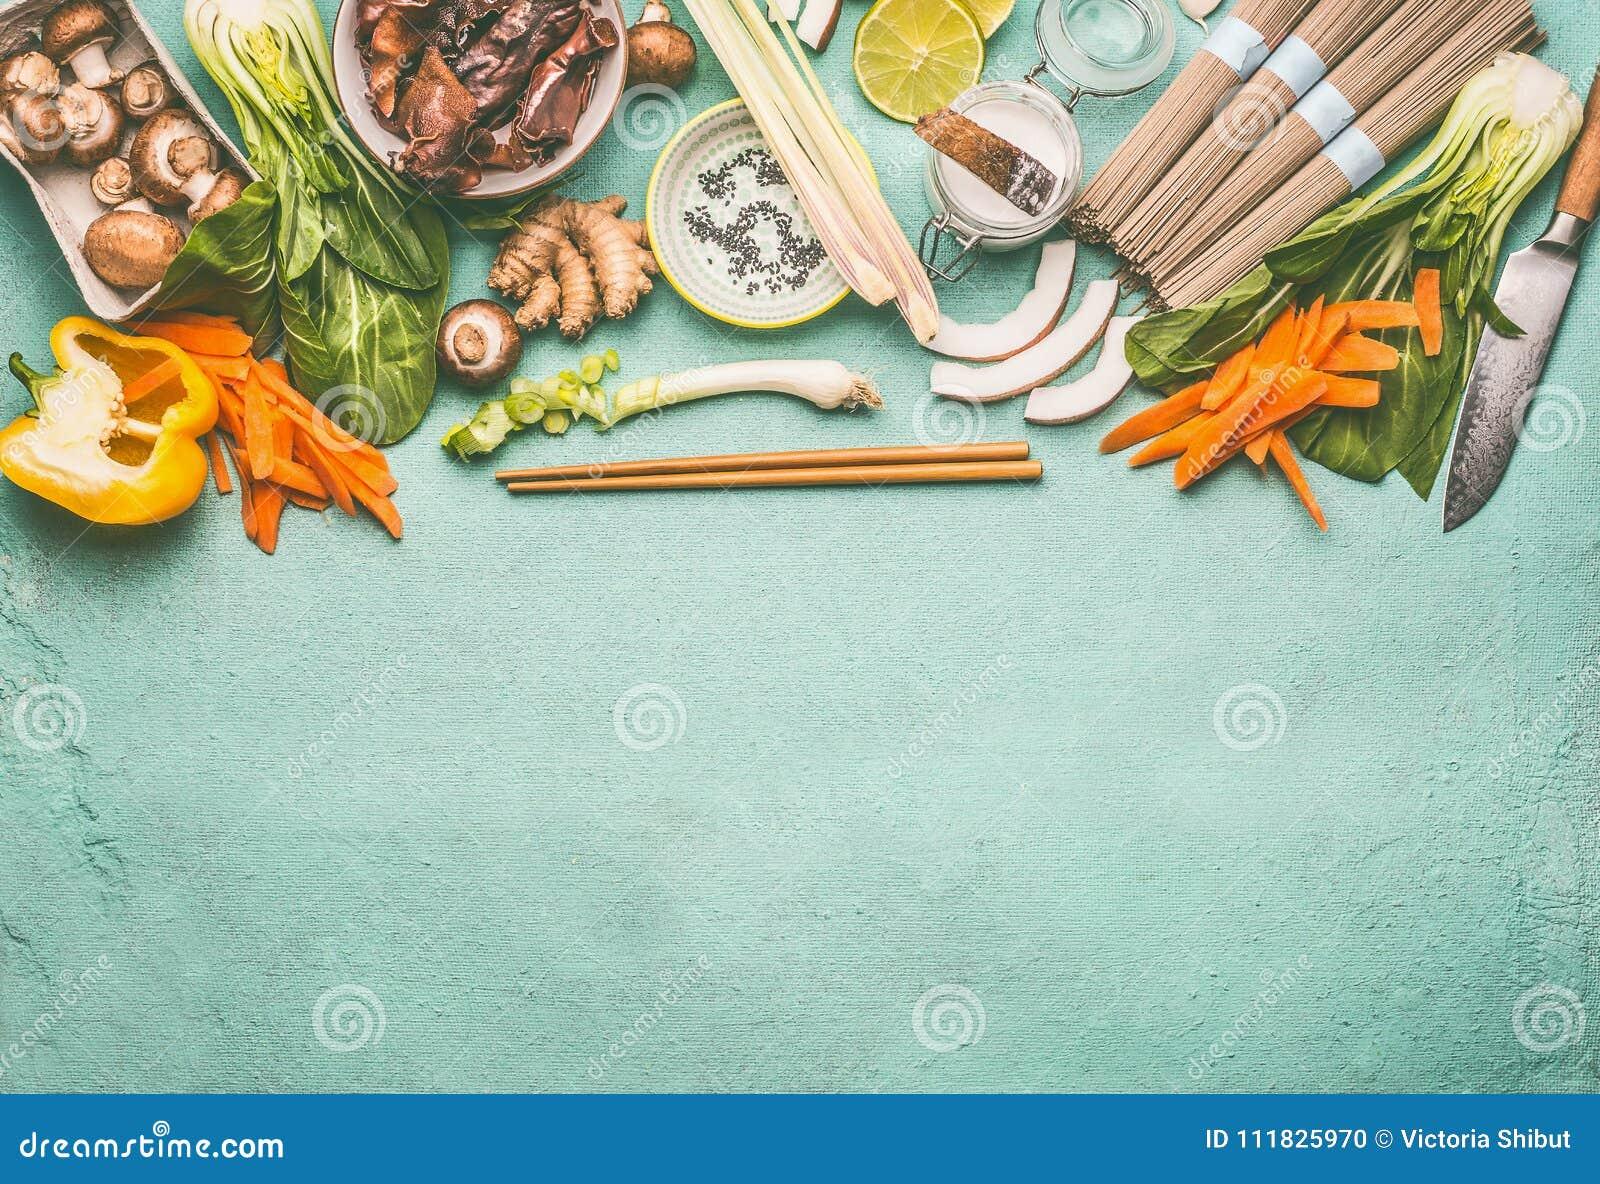 Fond asiatique de nourriture avec les ingrédients savoureux : La MU errent des champignons, divers légumes, pok choi, lait de noi